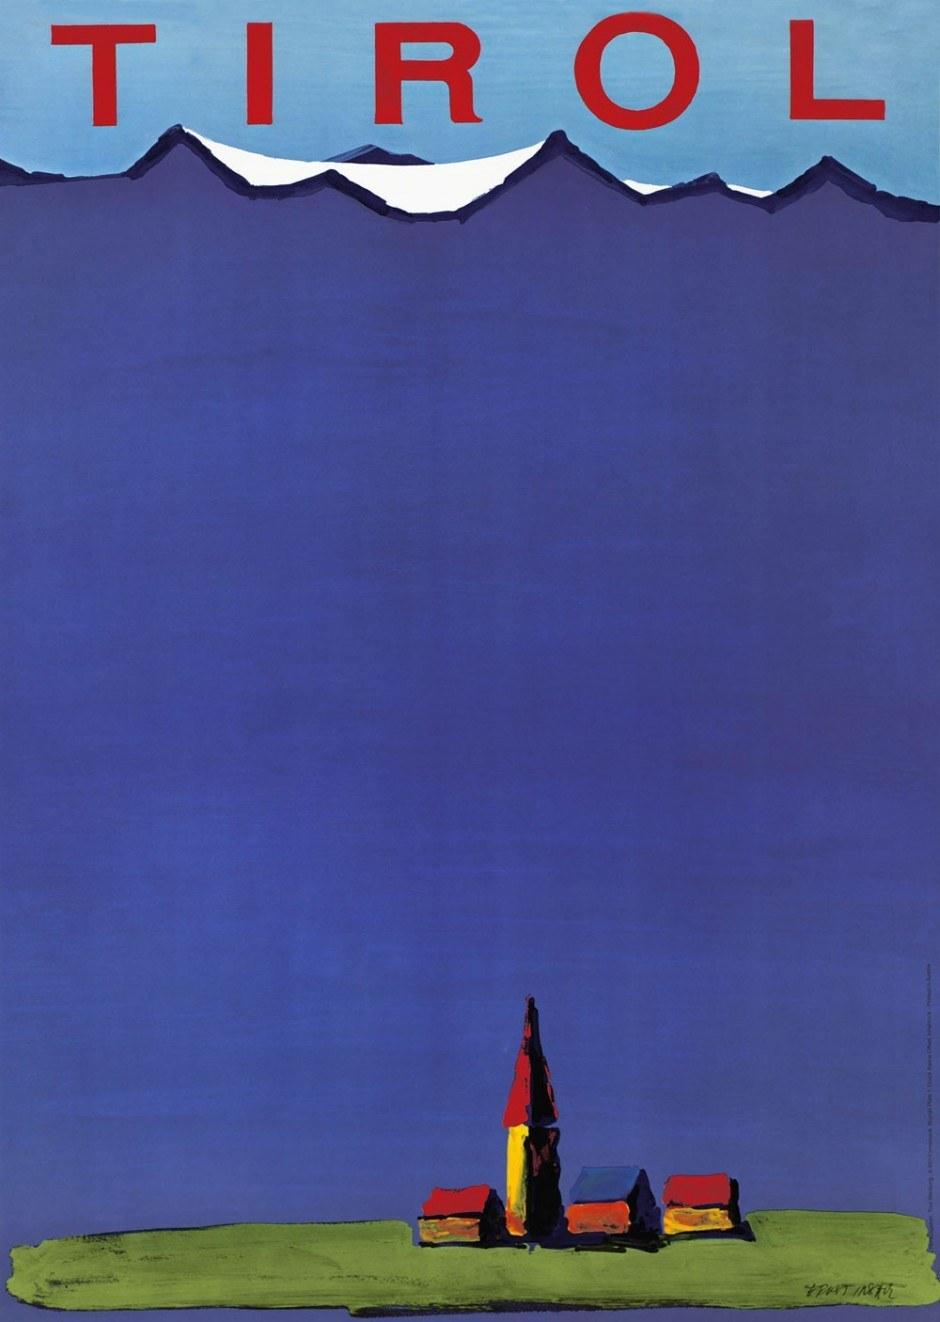 1972, Plakat, 58,8 × 81,7 cm, Tirol Werbung